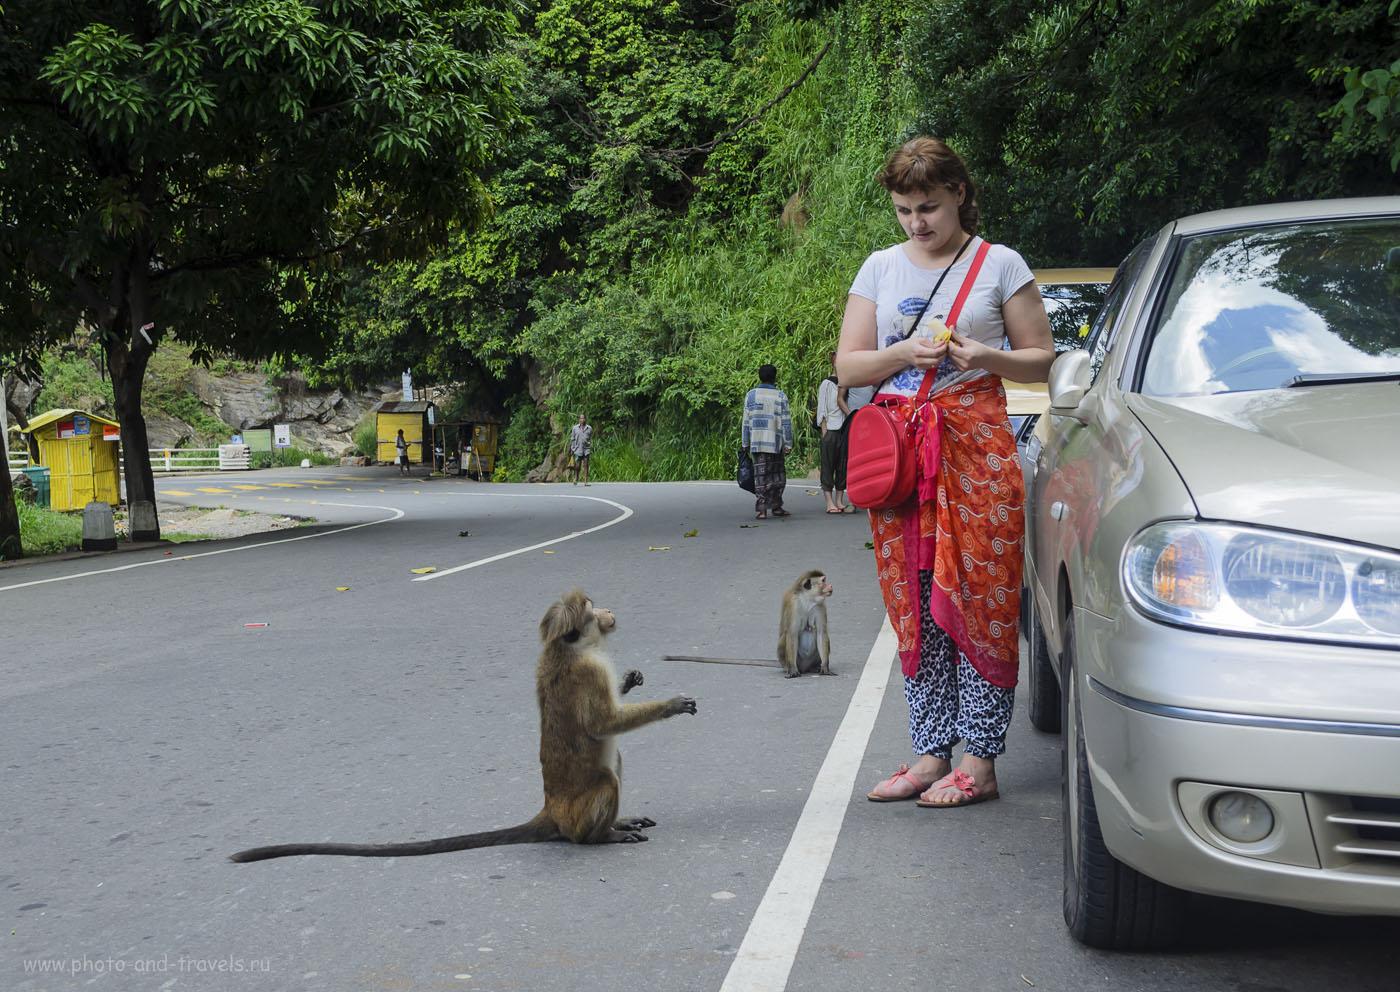 29. Фото. Во время тура по Шри-Ланке остановились у водопада Rawana Falls. На белых людей сбежались посмотреть все местные жители... (100, 29, 6.3, 1/60)